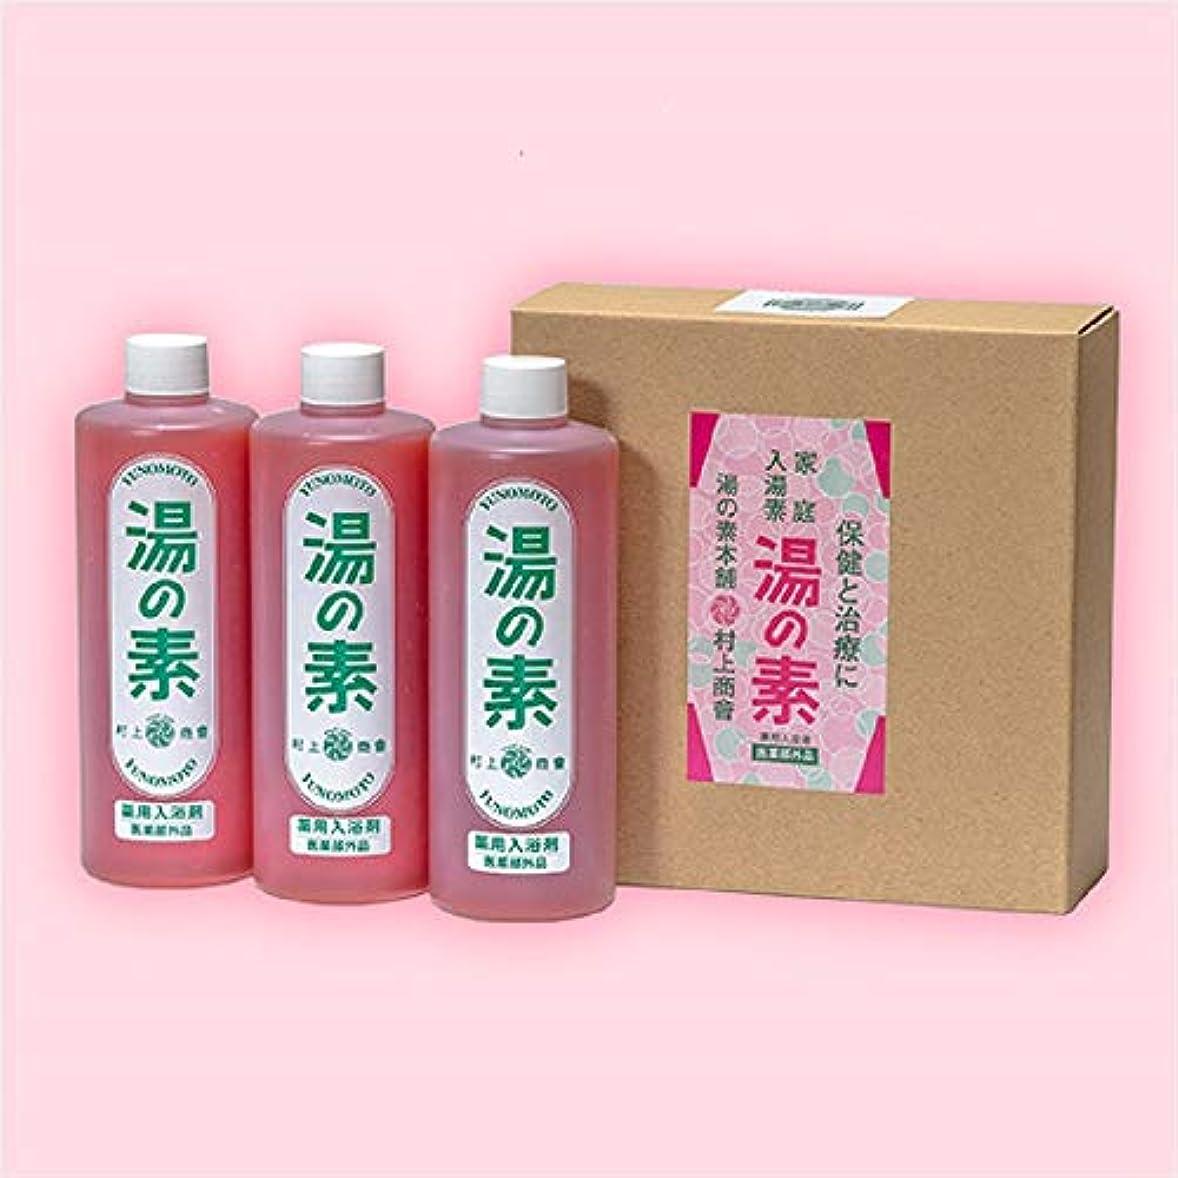 トンオーバーコート反発する薬用入浴剤 湯の素 [医薬部外品] 490g(約50回分) 3本セット